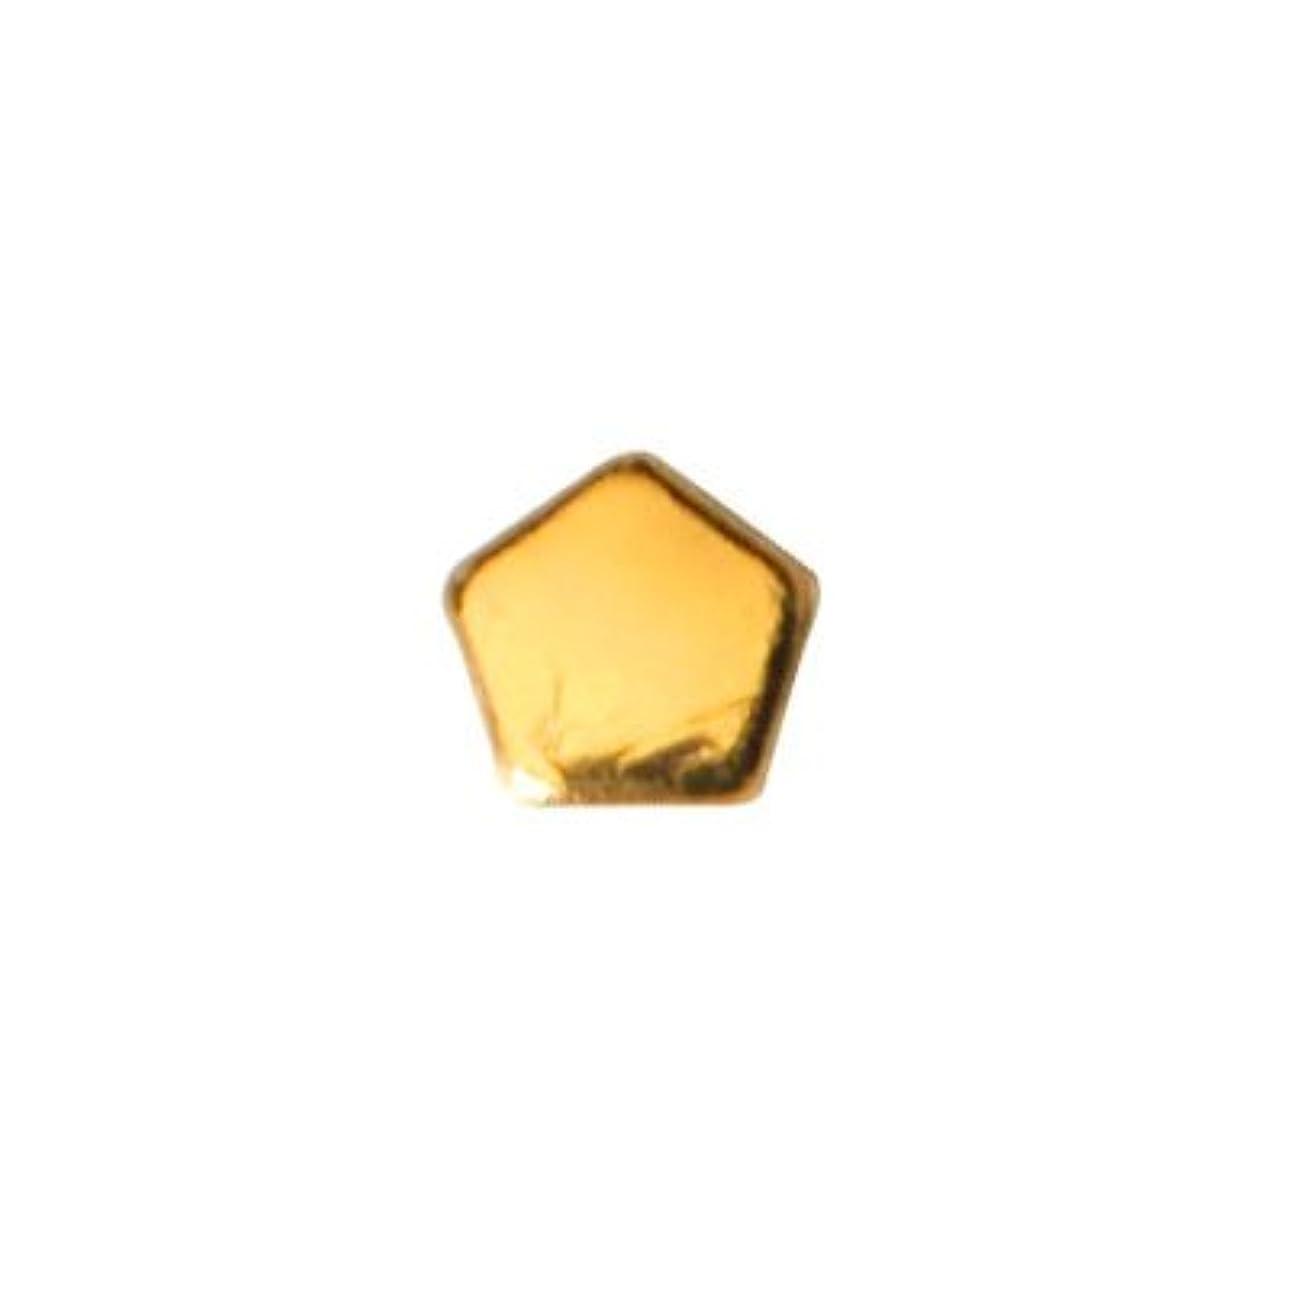 退化するエイズ描くピアドラ スタッズ ペンタゴン 2mm 50P ゴールド